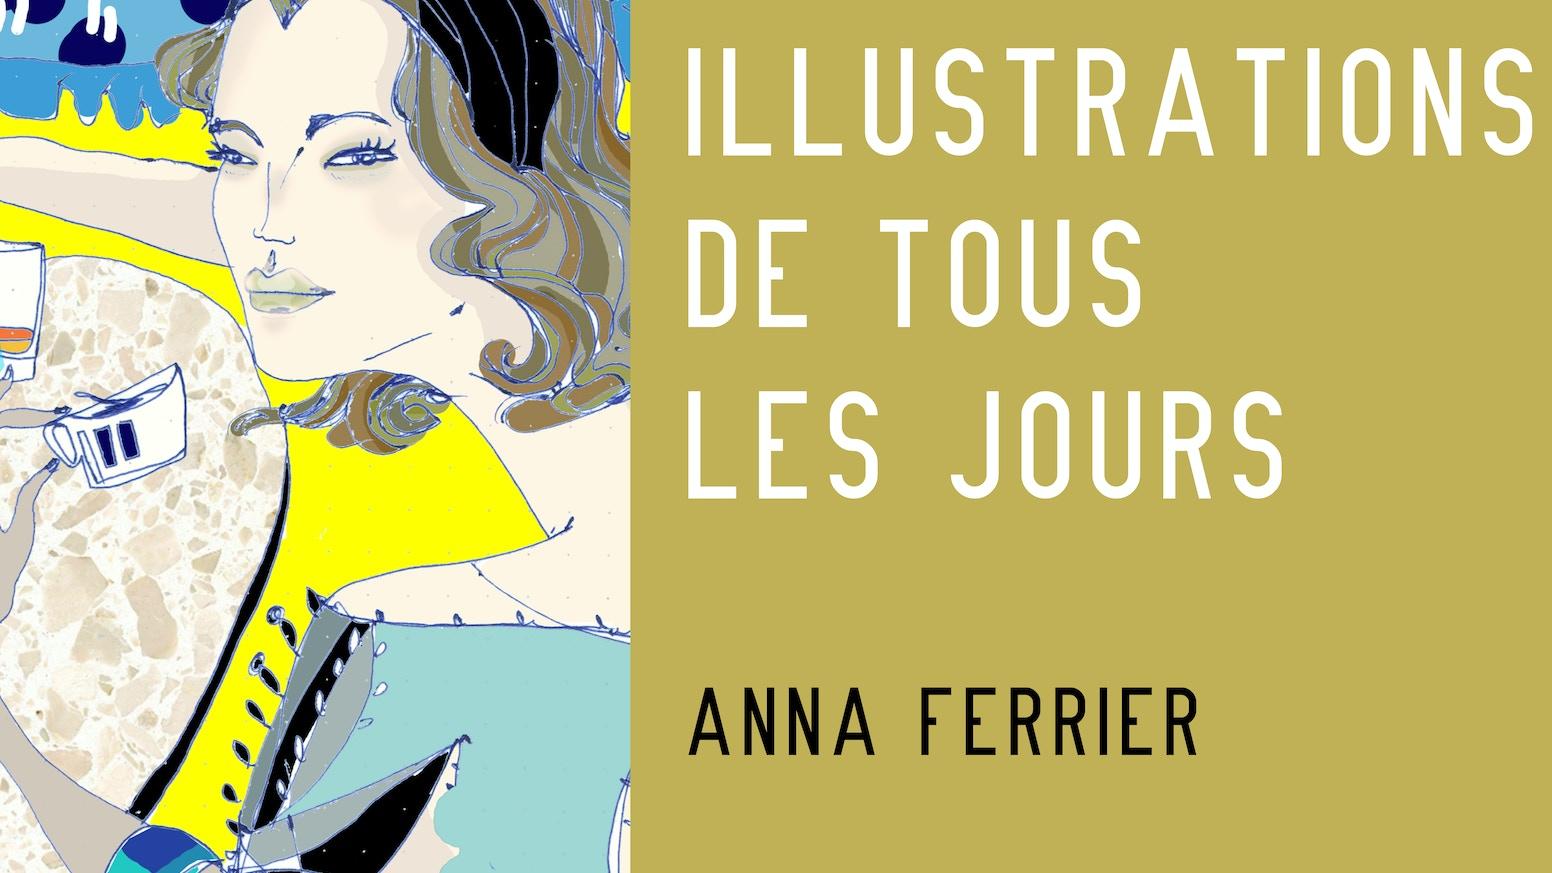 Un Jour Un Dessin Livre Recueillant 200 Illustrations By